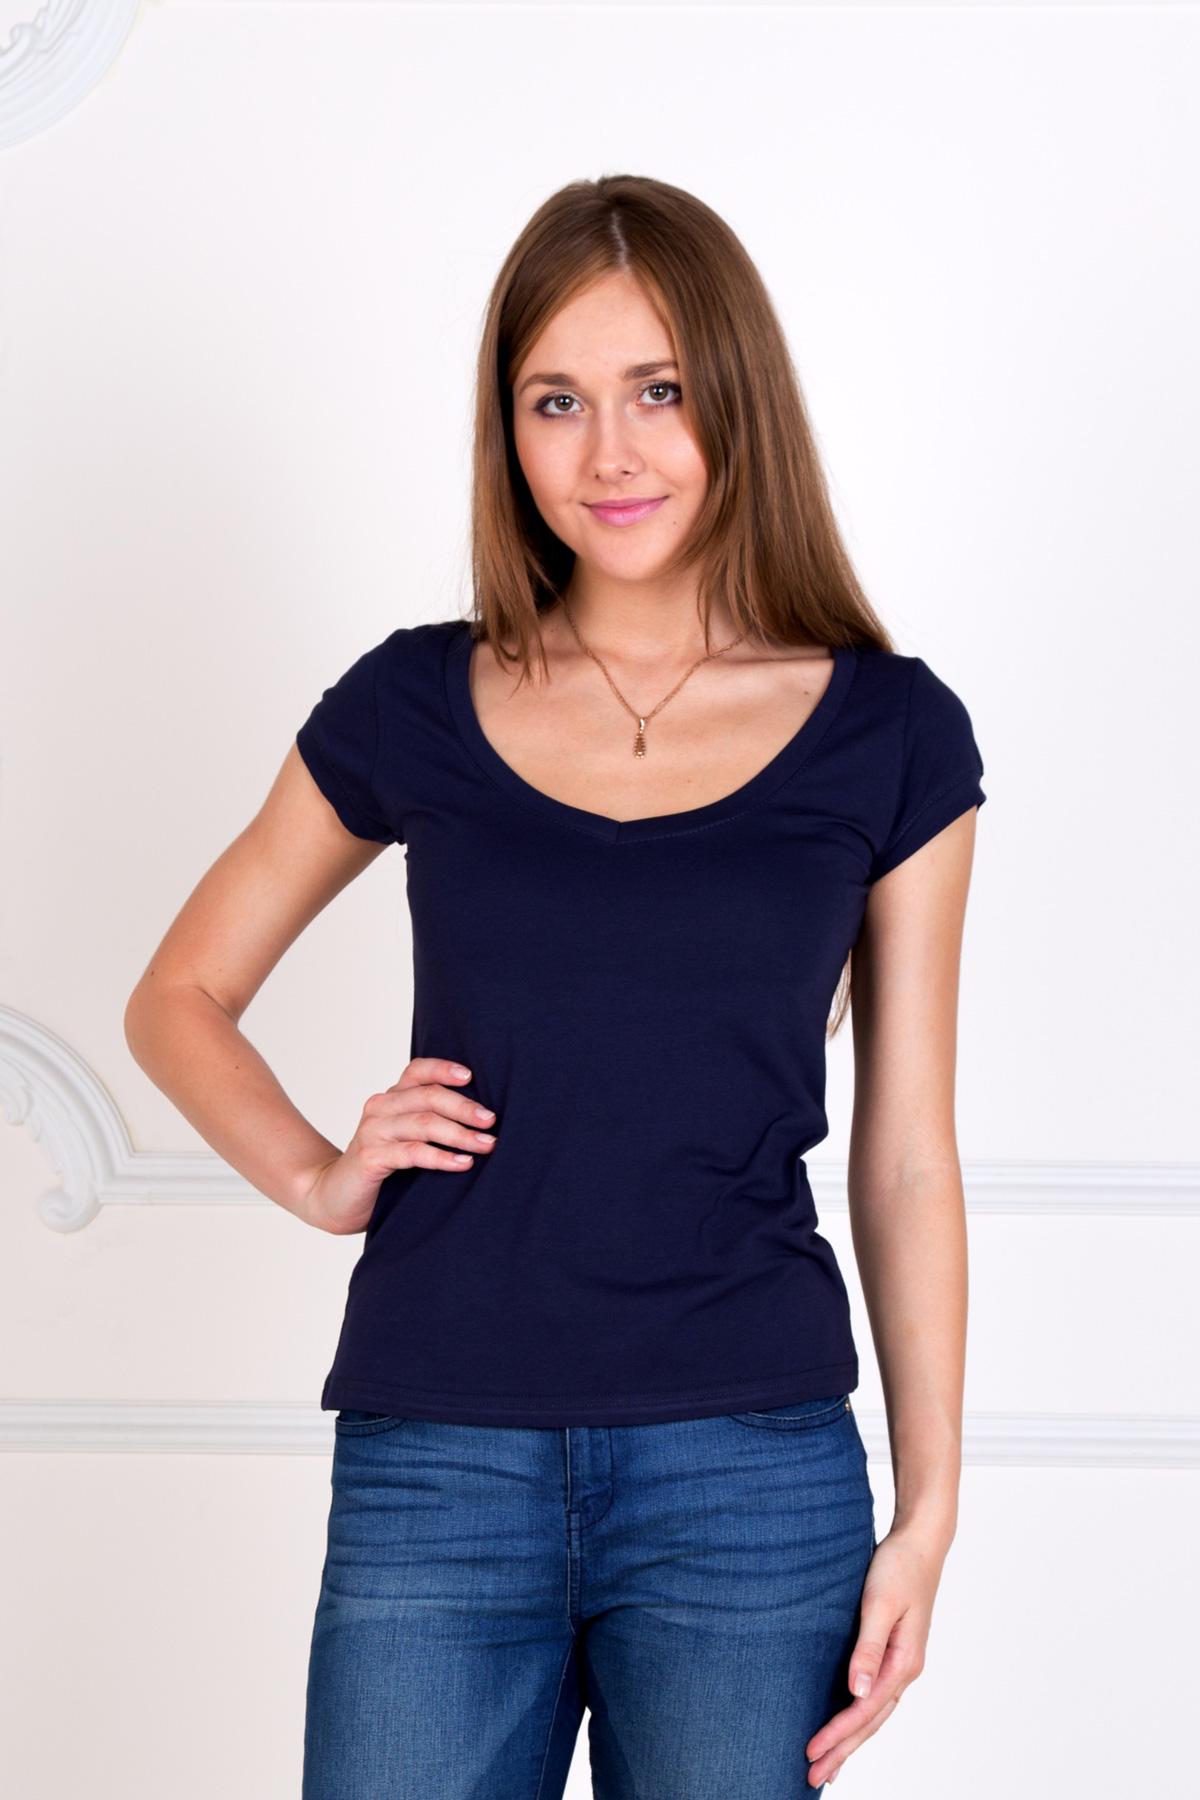 Жен. футболка Лиза Синий р. 52Майки и футболки<br>Факт. ОГ: 92 см <br>Факт. ОТ: 88 см <br>Факт. ОБ: 96 см <br>Длина по спинке: 62 см<br><br>Тип: Жен. футболка<br>Размер: 52<br>Материал: Фулайкра